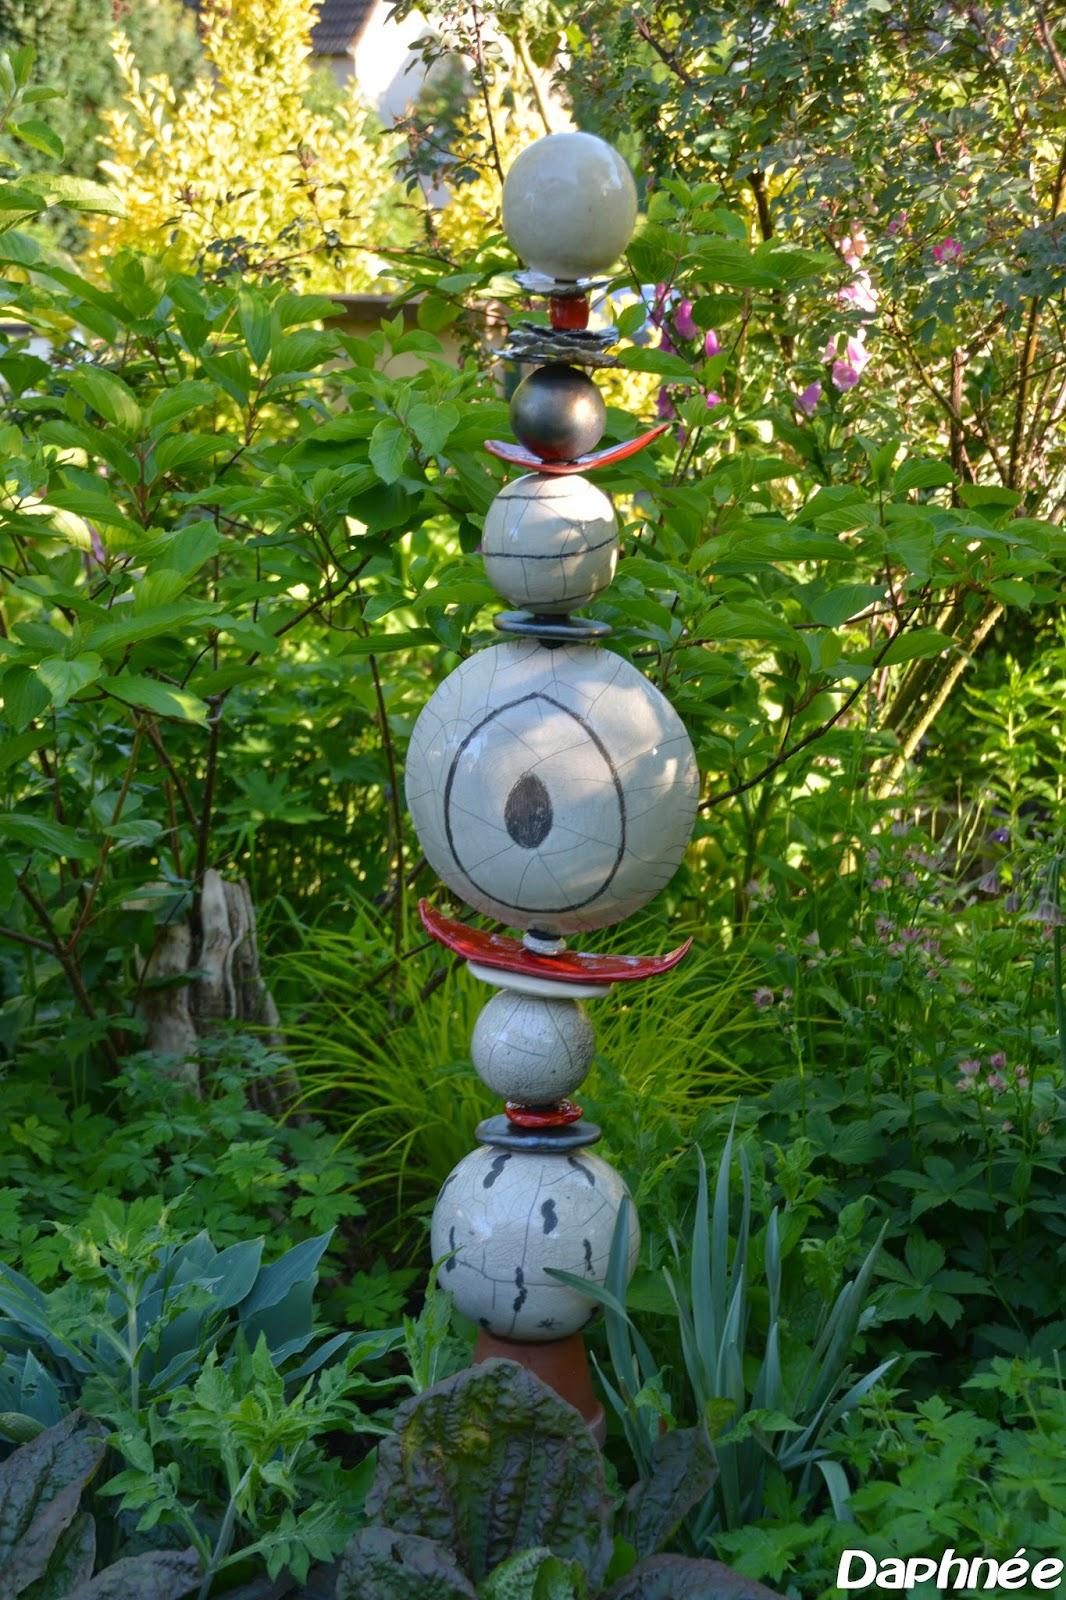 Le jardin de daphn e mai 2014 - Poterie decorative pour jardin ...